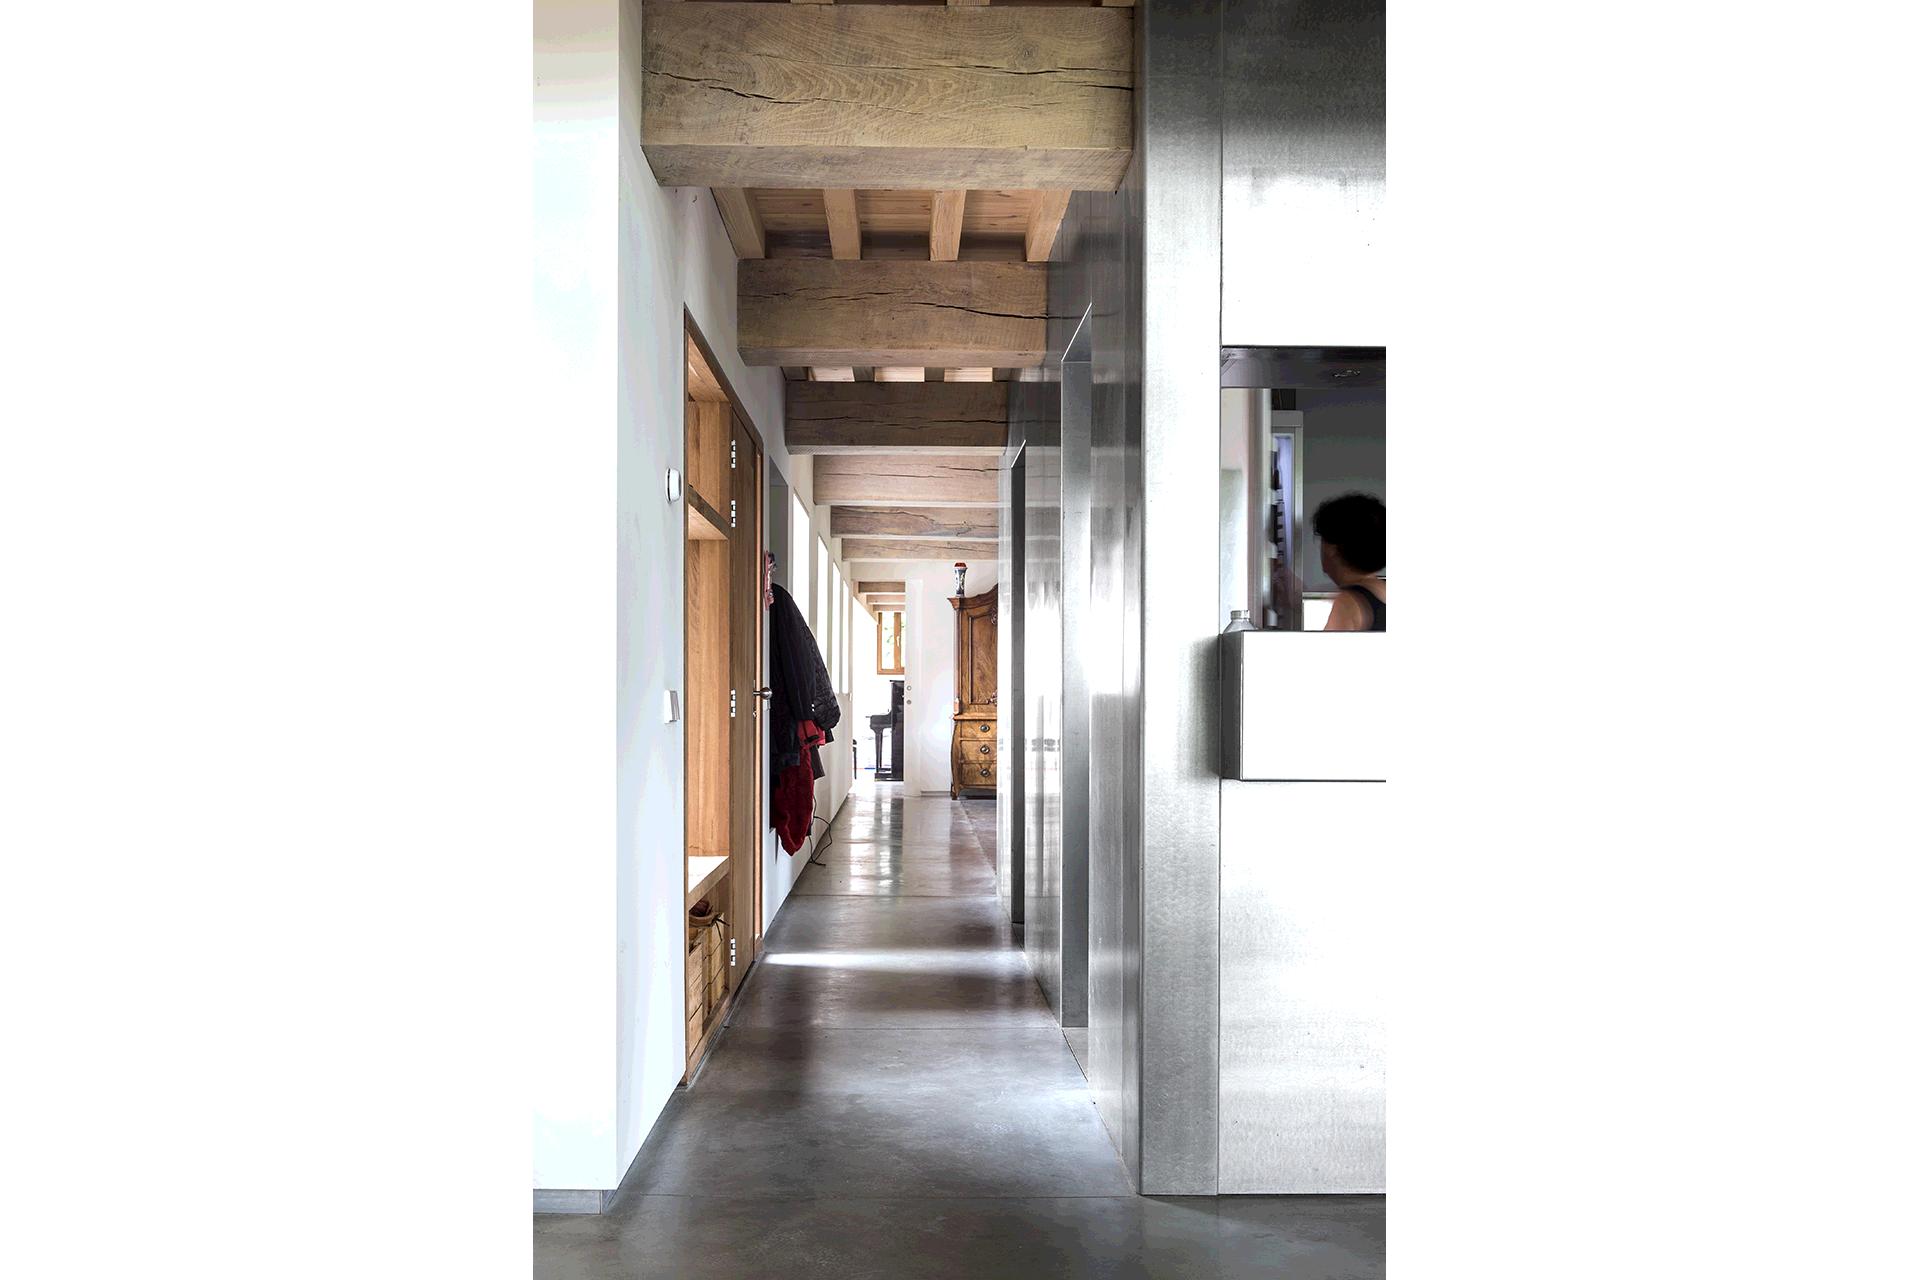 doorzicht zichtlijn woonhuis huis bouwen interieur hout staal beton